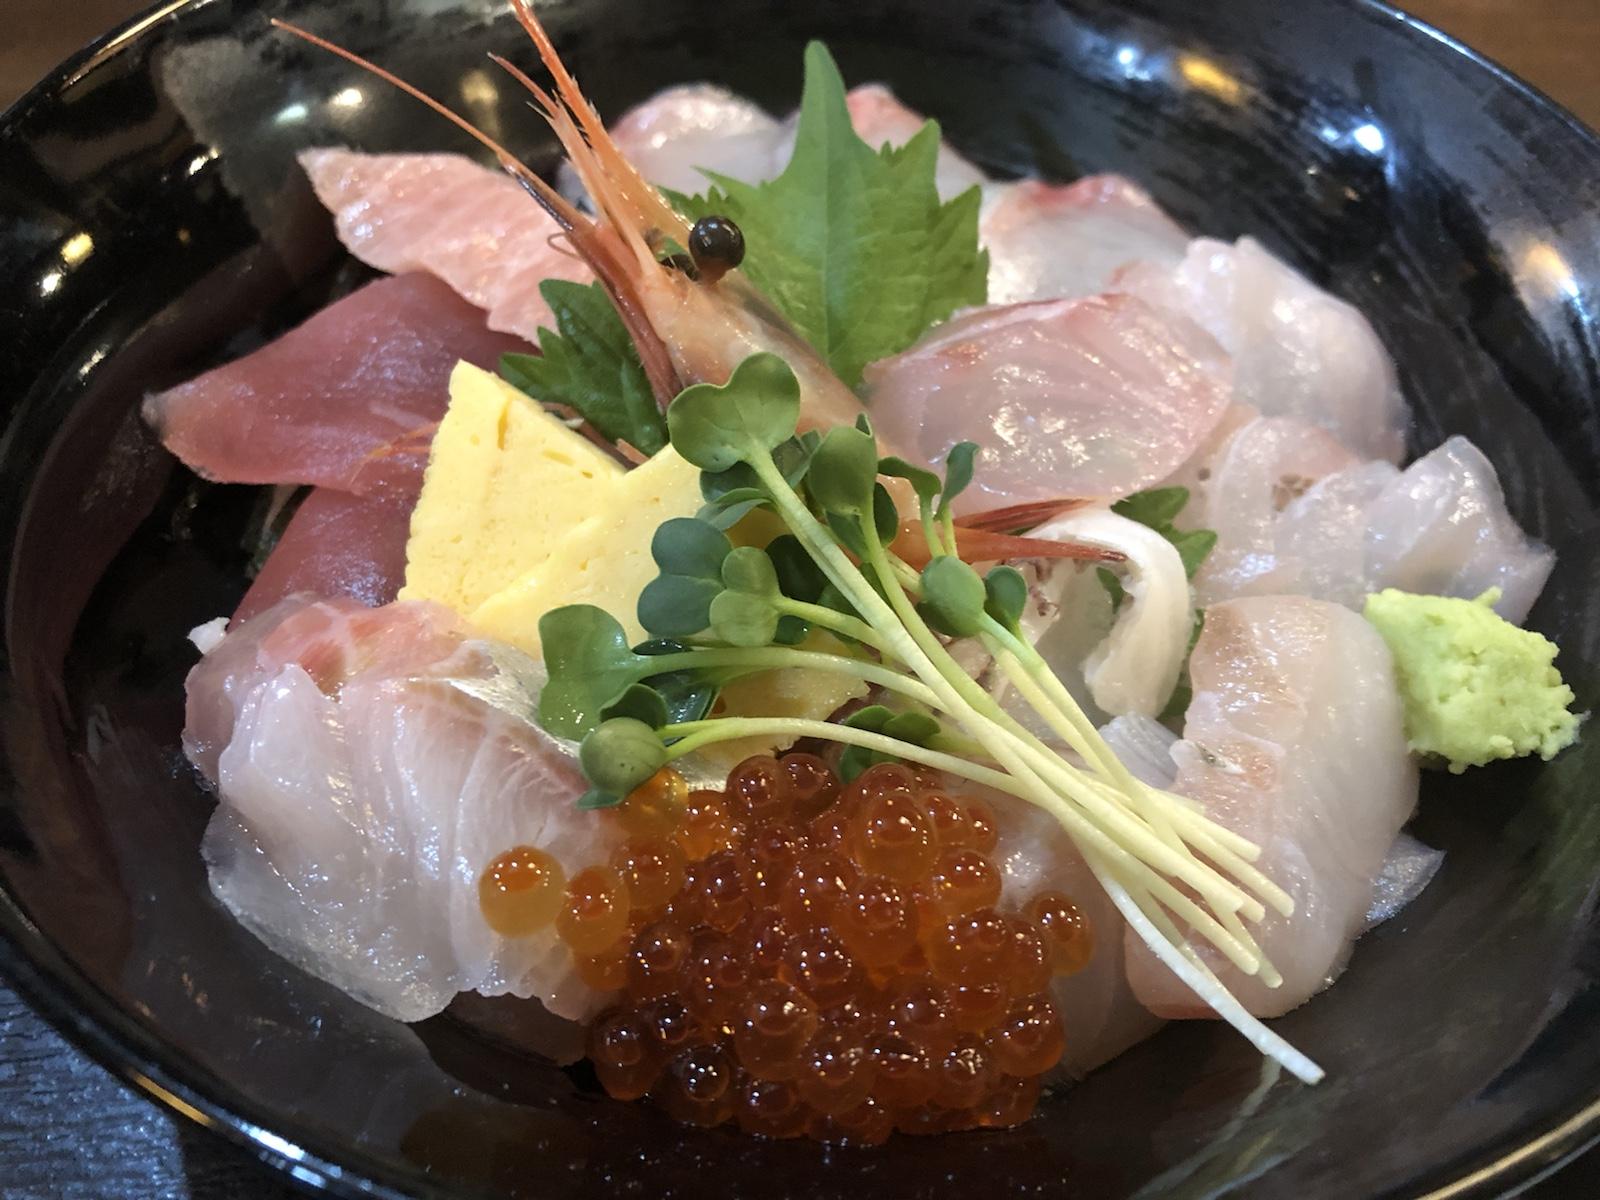 その街食堂「南伊豆」!金目鯛、シマアジ、カンパチ…めくるめく伊豆の海の幸